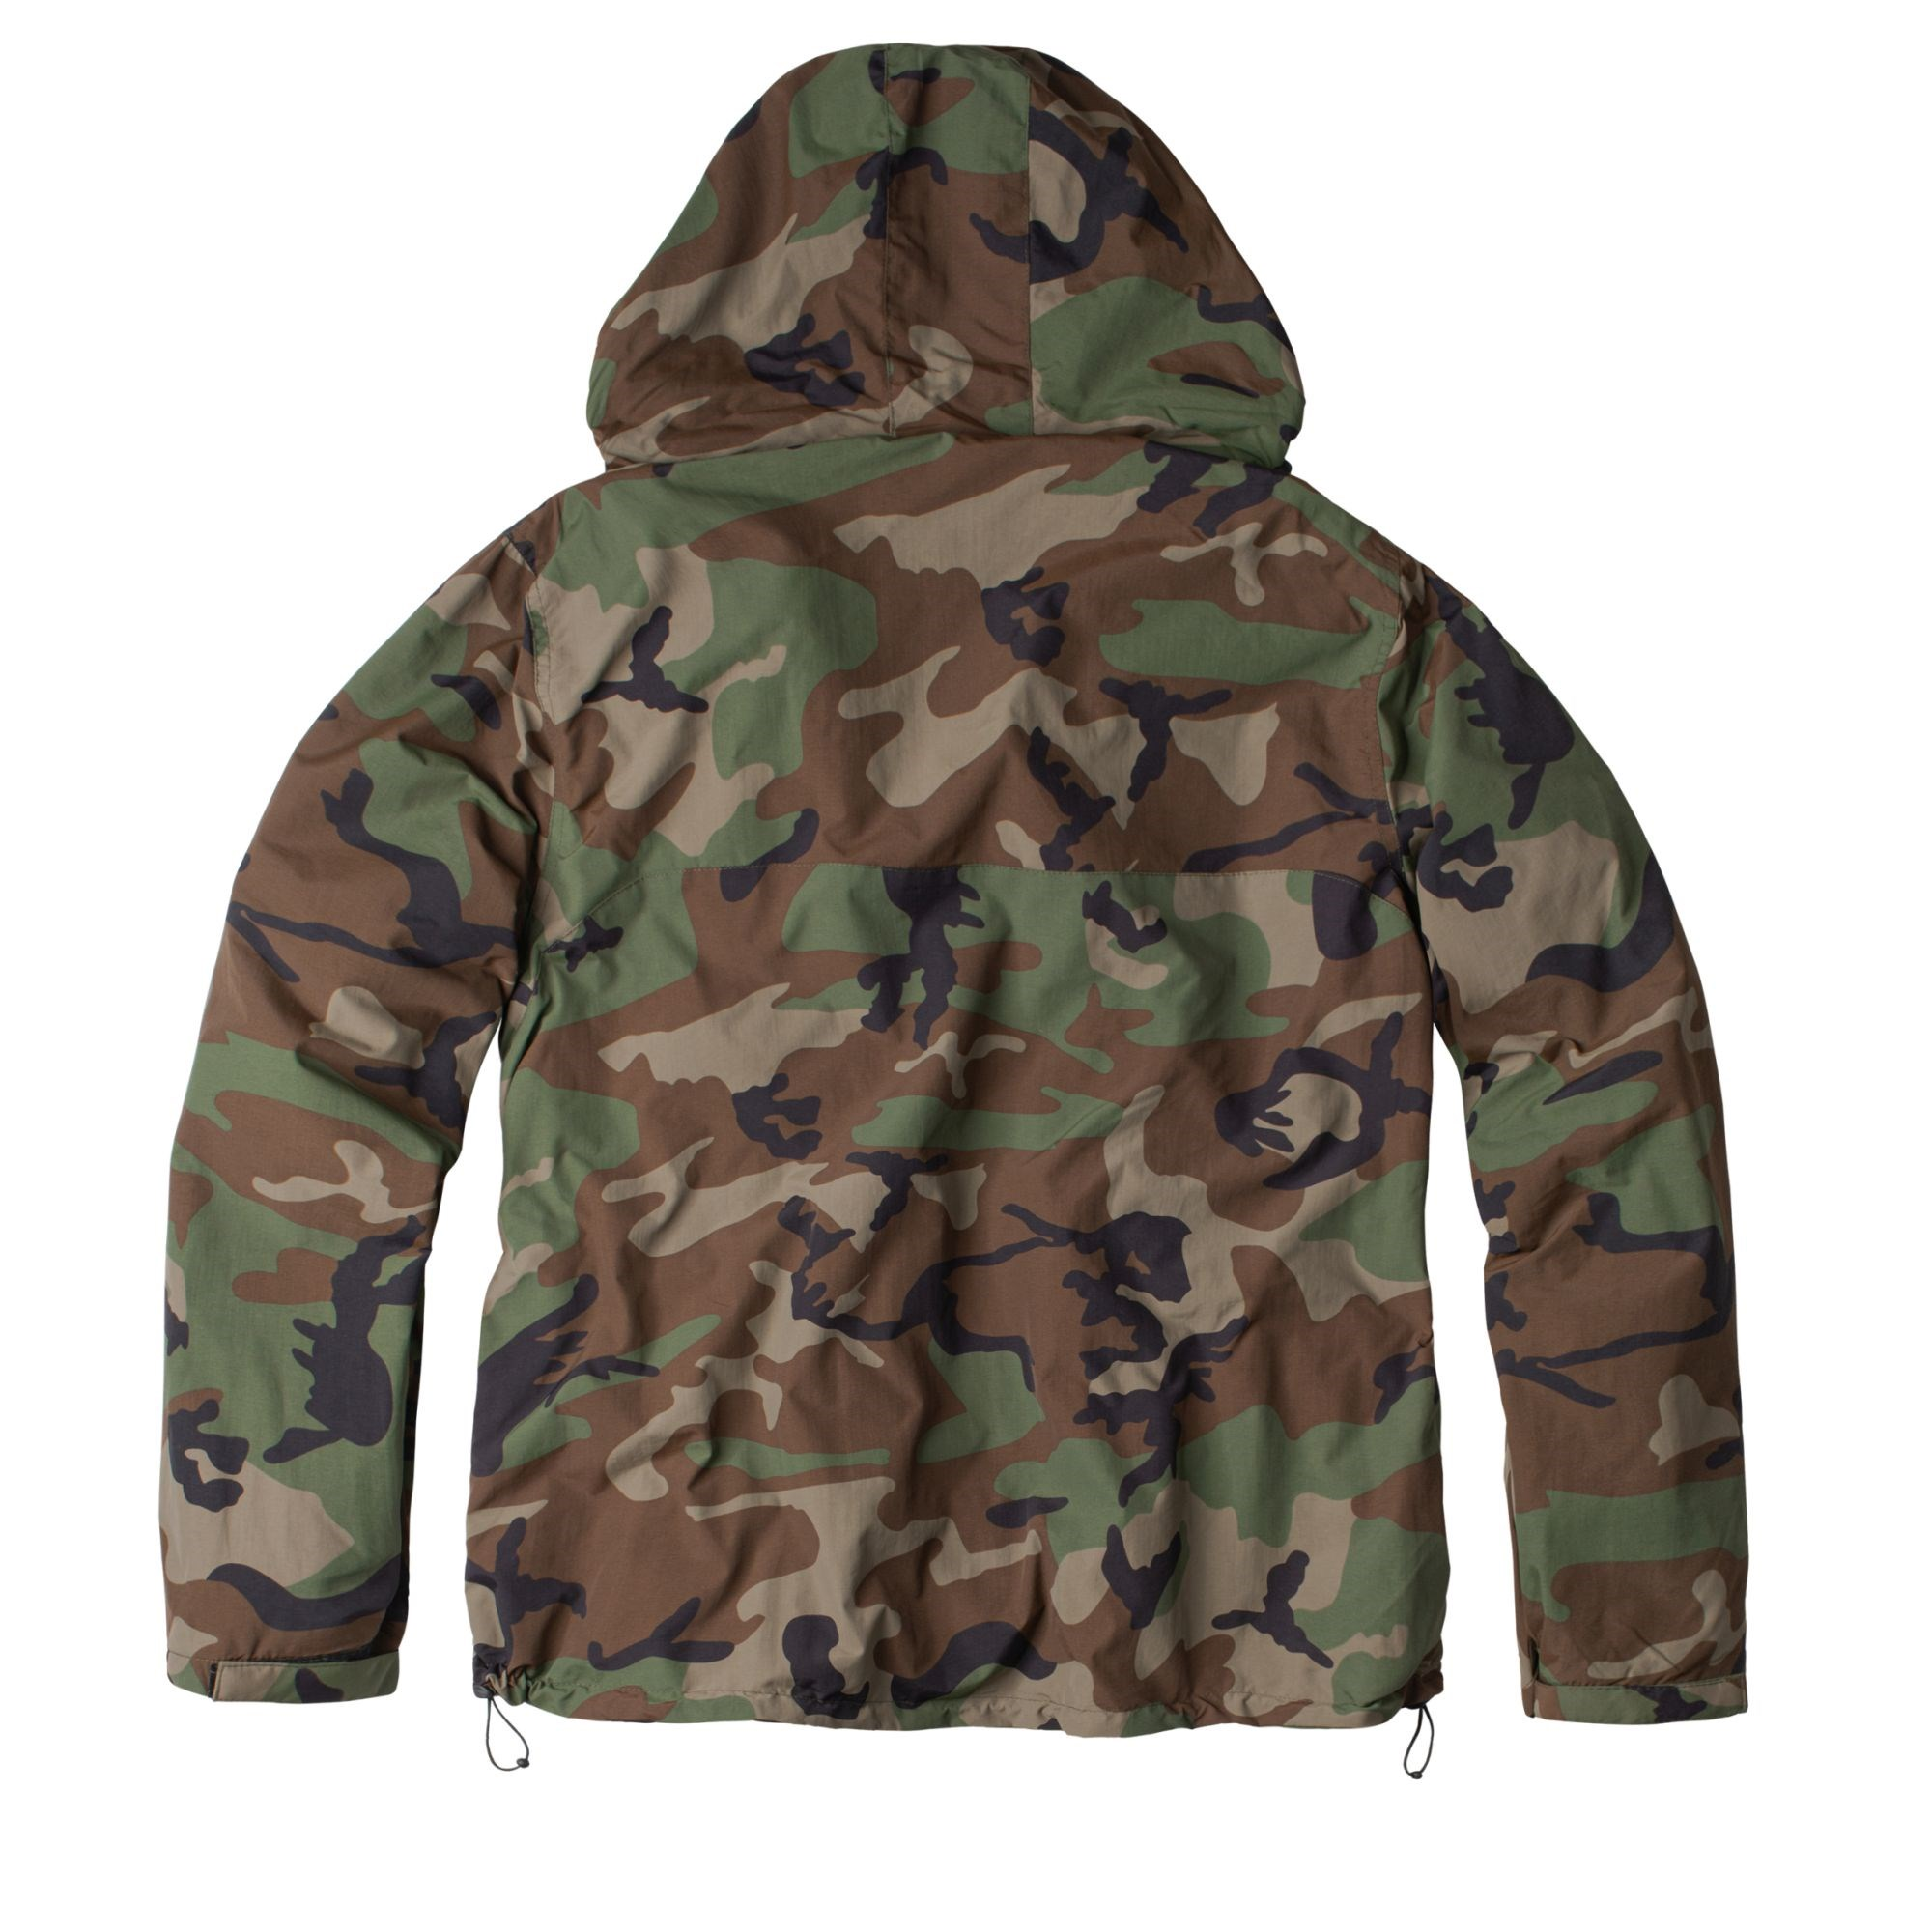 WINDBREAKER ZIPPER Jacket WOODLAND SURPLUS 20-7002-22 L-11